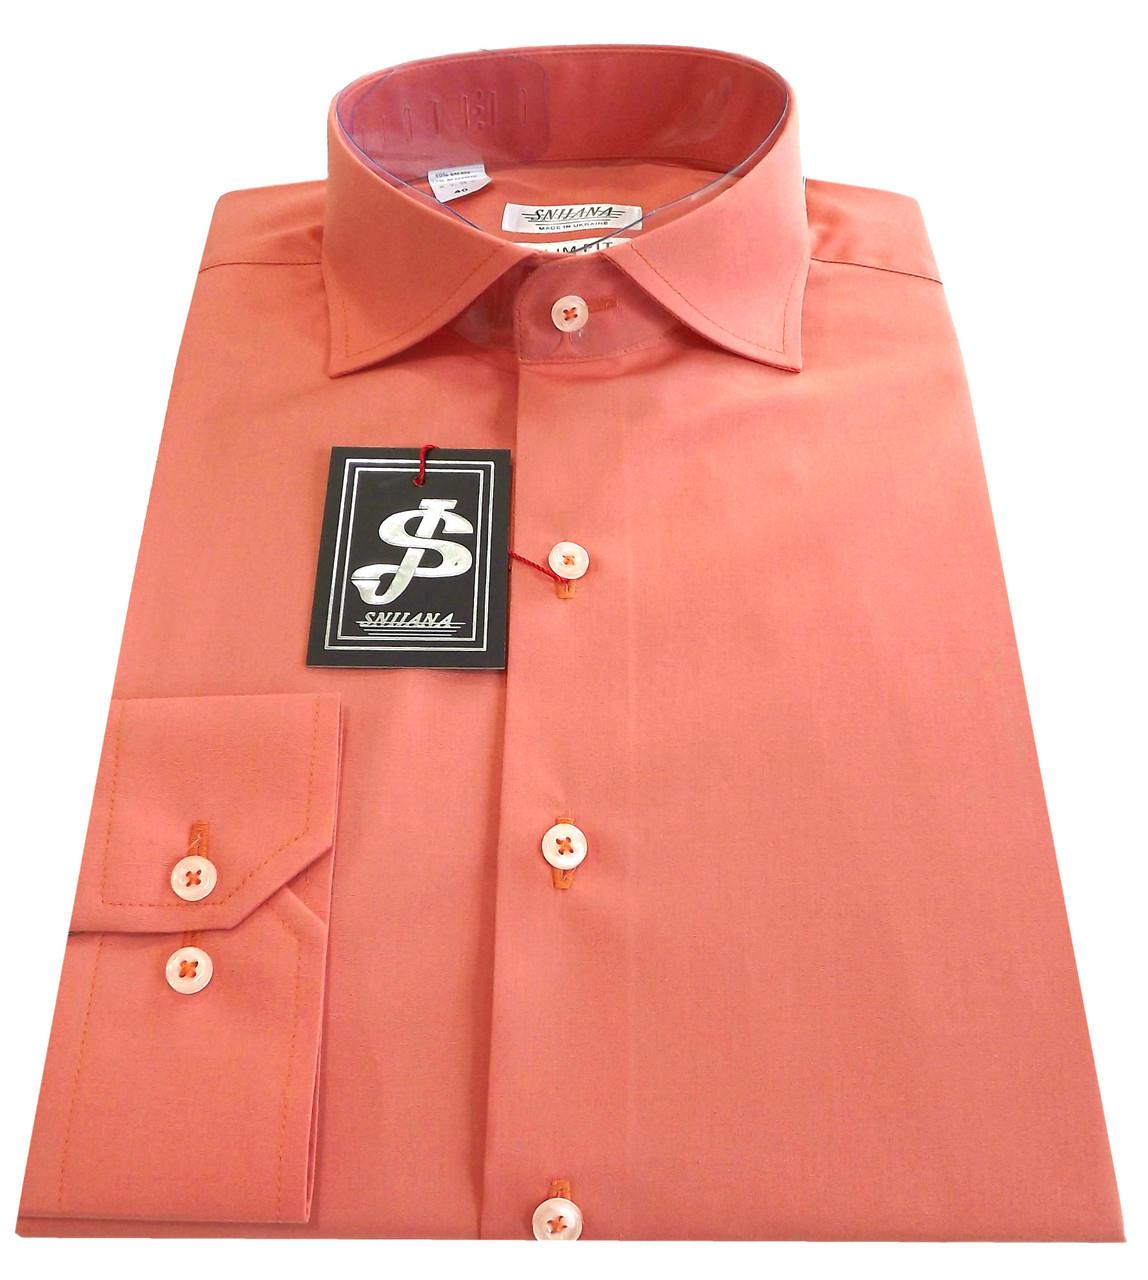 Рубашка мужская классическая №10  -  506/16-1532